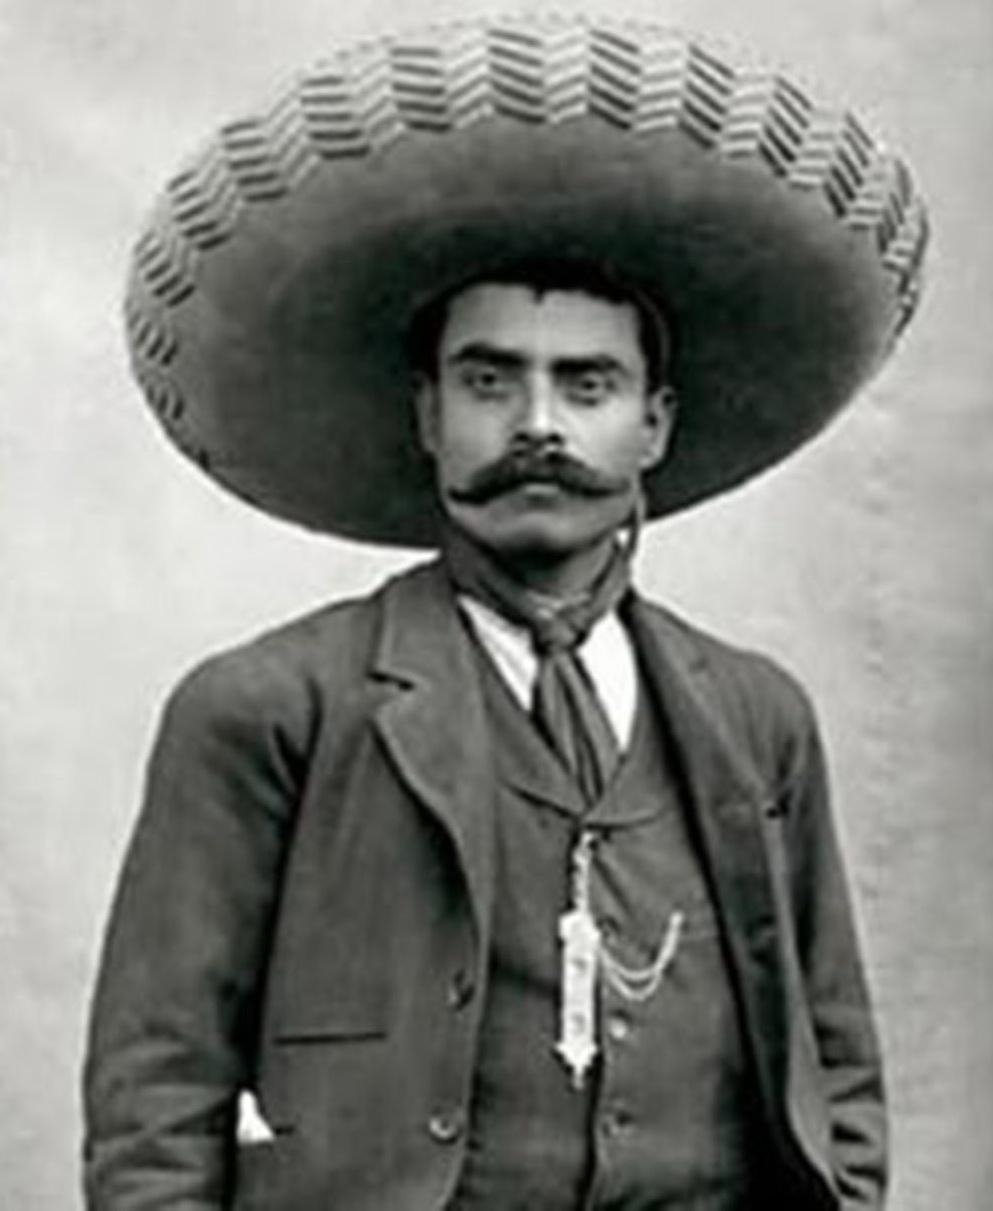 Emilio Zapata